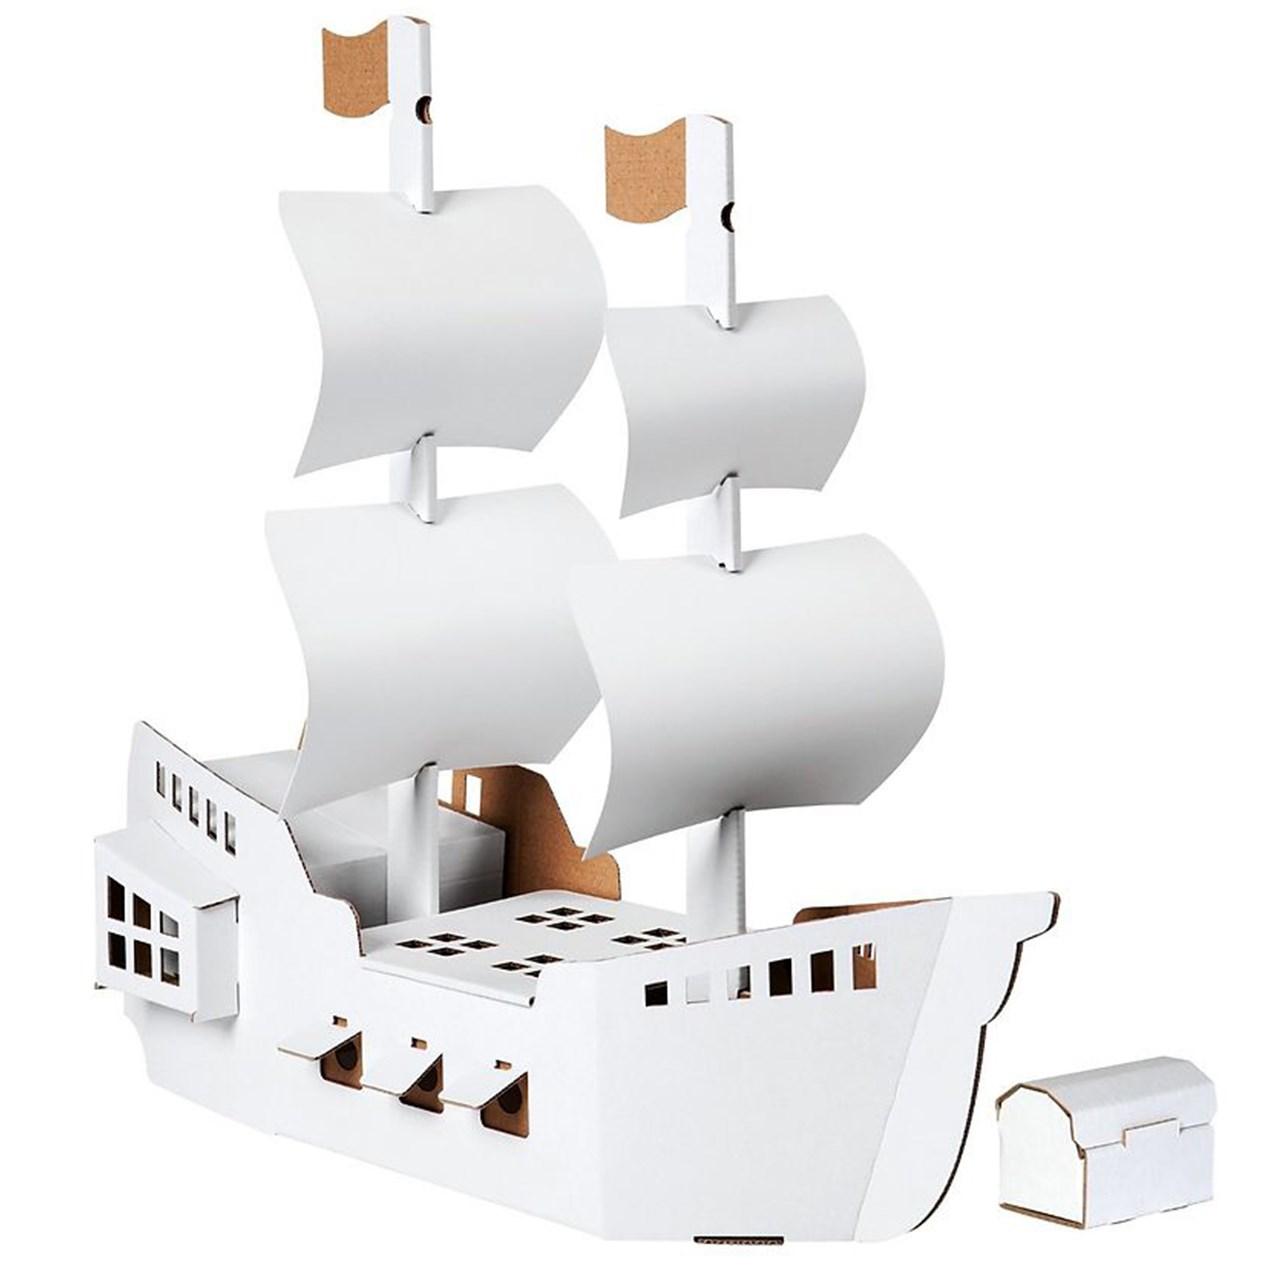 ماکت کشتی کالافانت مدل D2513X